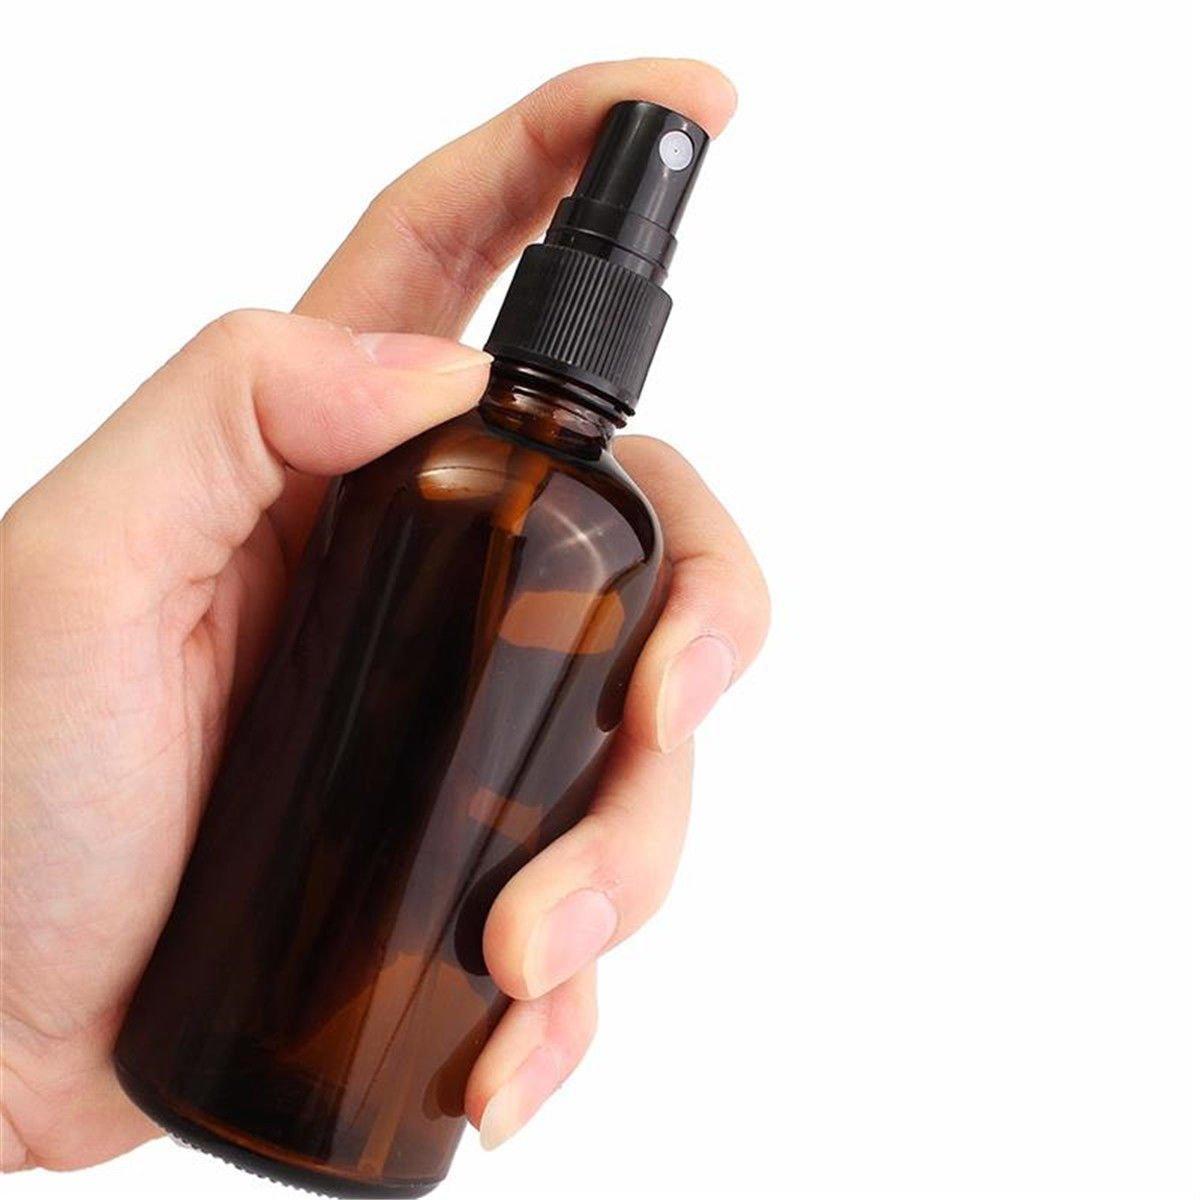 6x Glas nachfüllbar mit Sprühflaschen mit schwarzem atomiser, für ätherisches Öl, 30/50/100ml YCooker